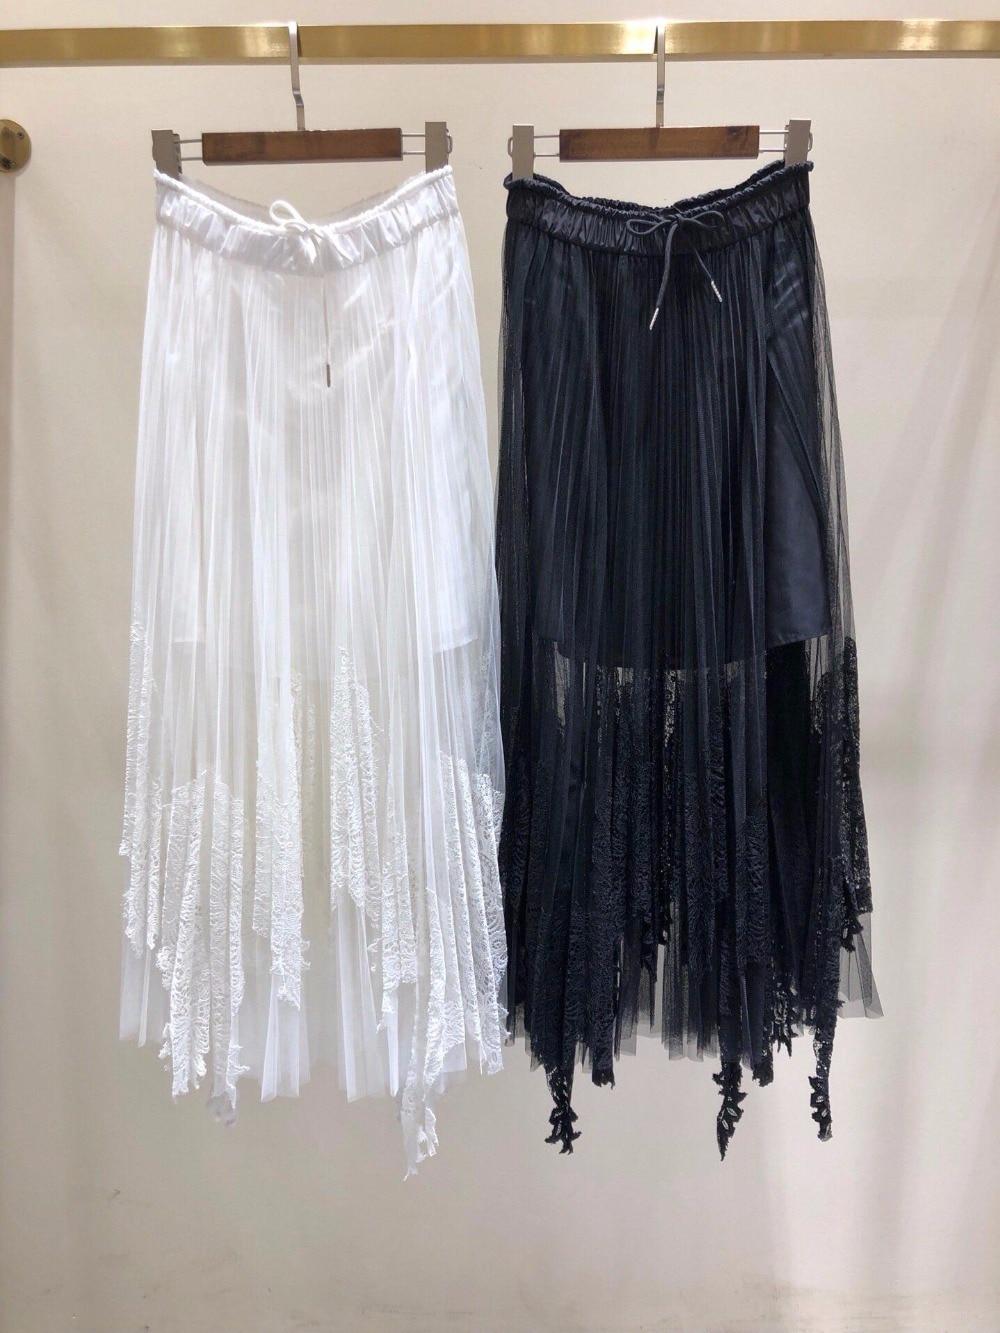 Mujeres 20 Lujo Patchwork Encaje Falda 2 Verano Camisa Las 2 Ddxgz3 2019 Color Nuevo De AFnIqfq